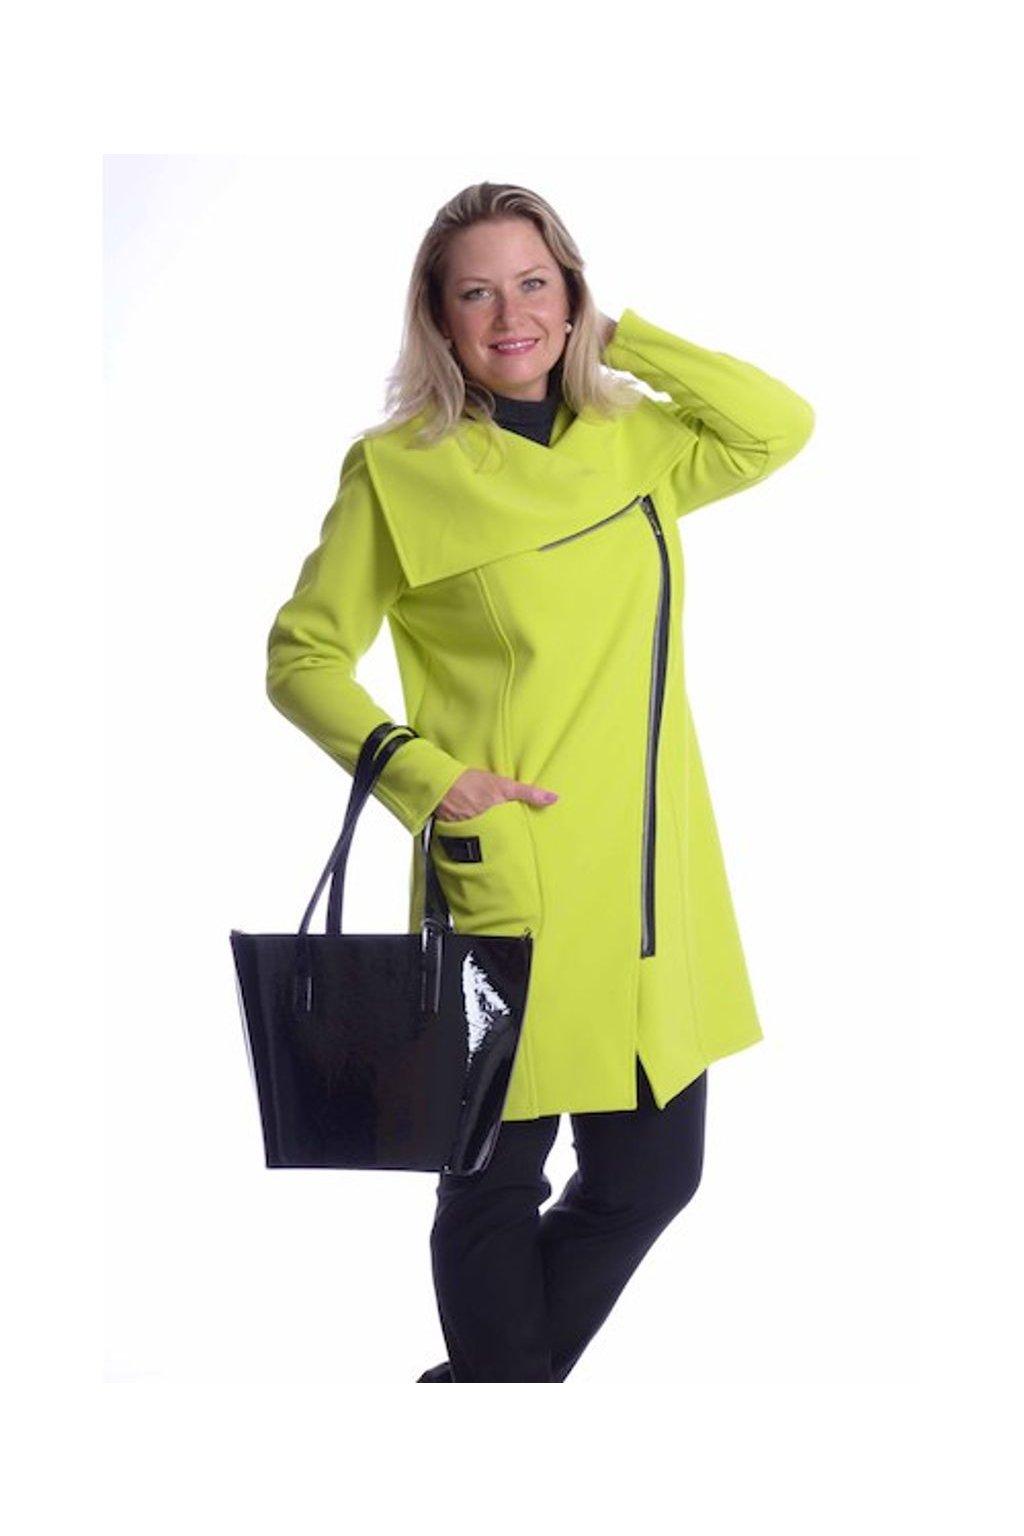 6719 Kabát velký límec (Velikost 36, Barva Zelená)